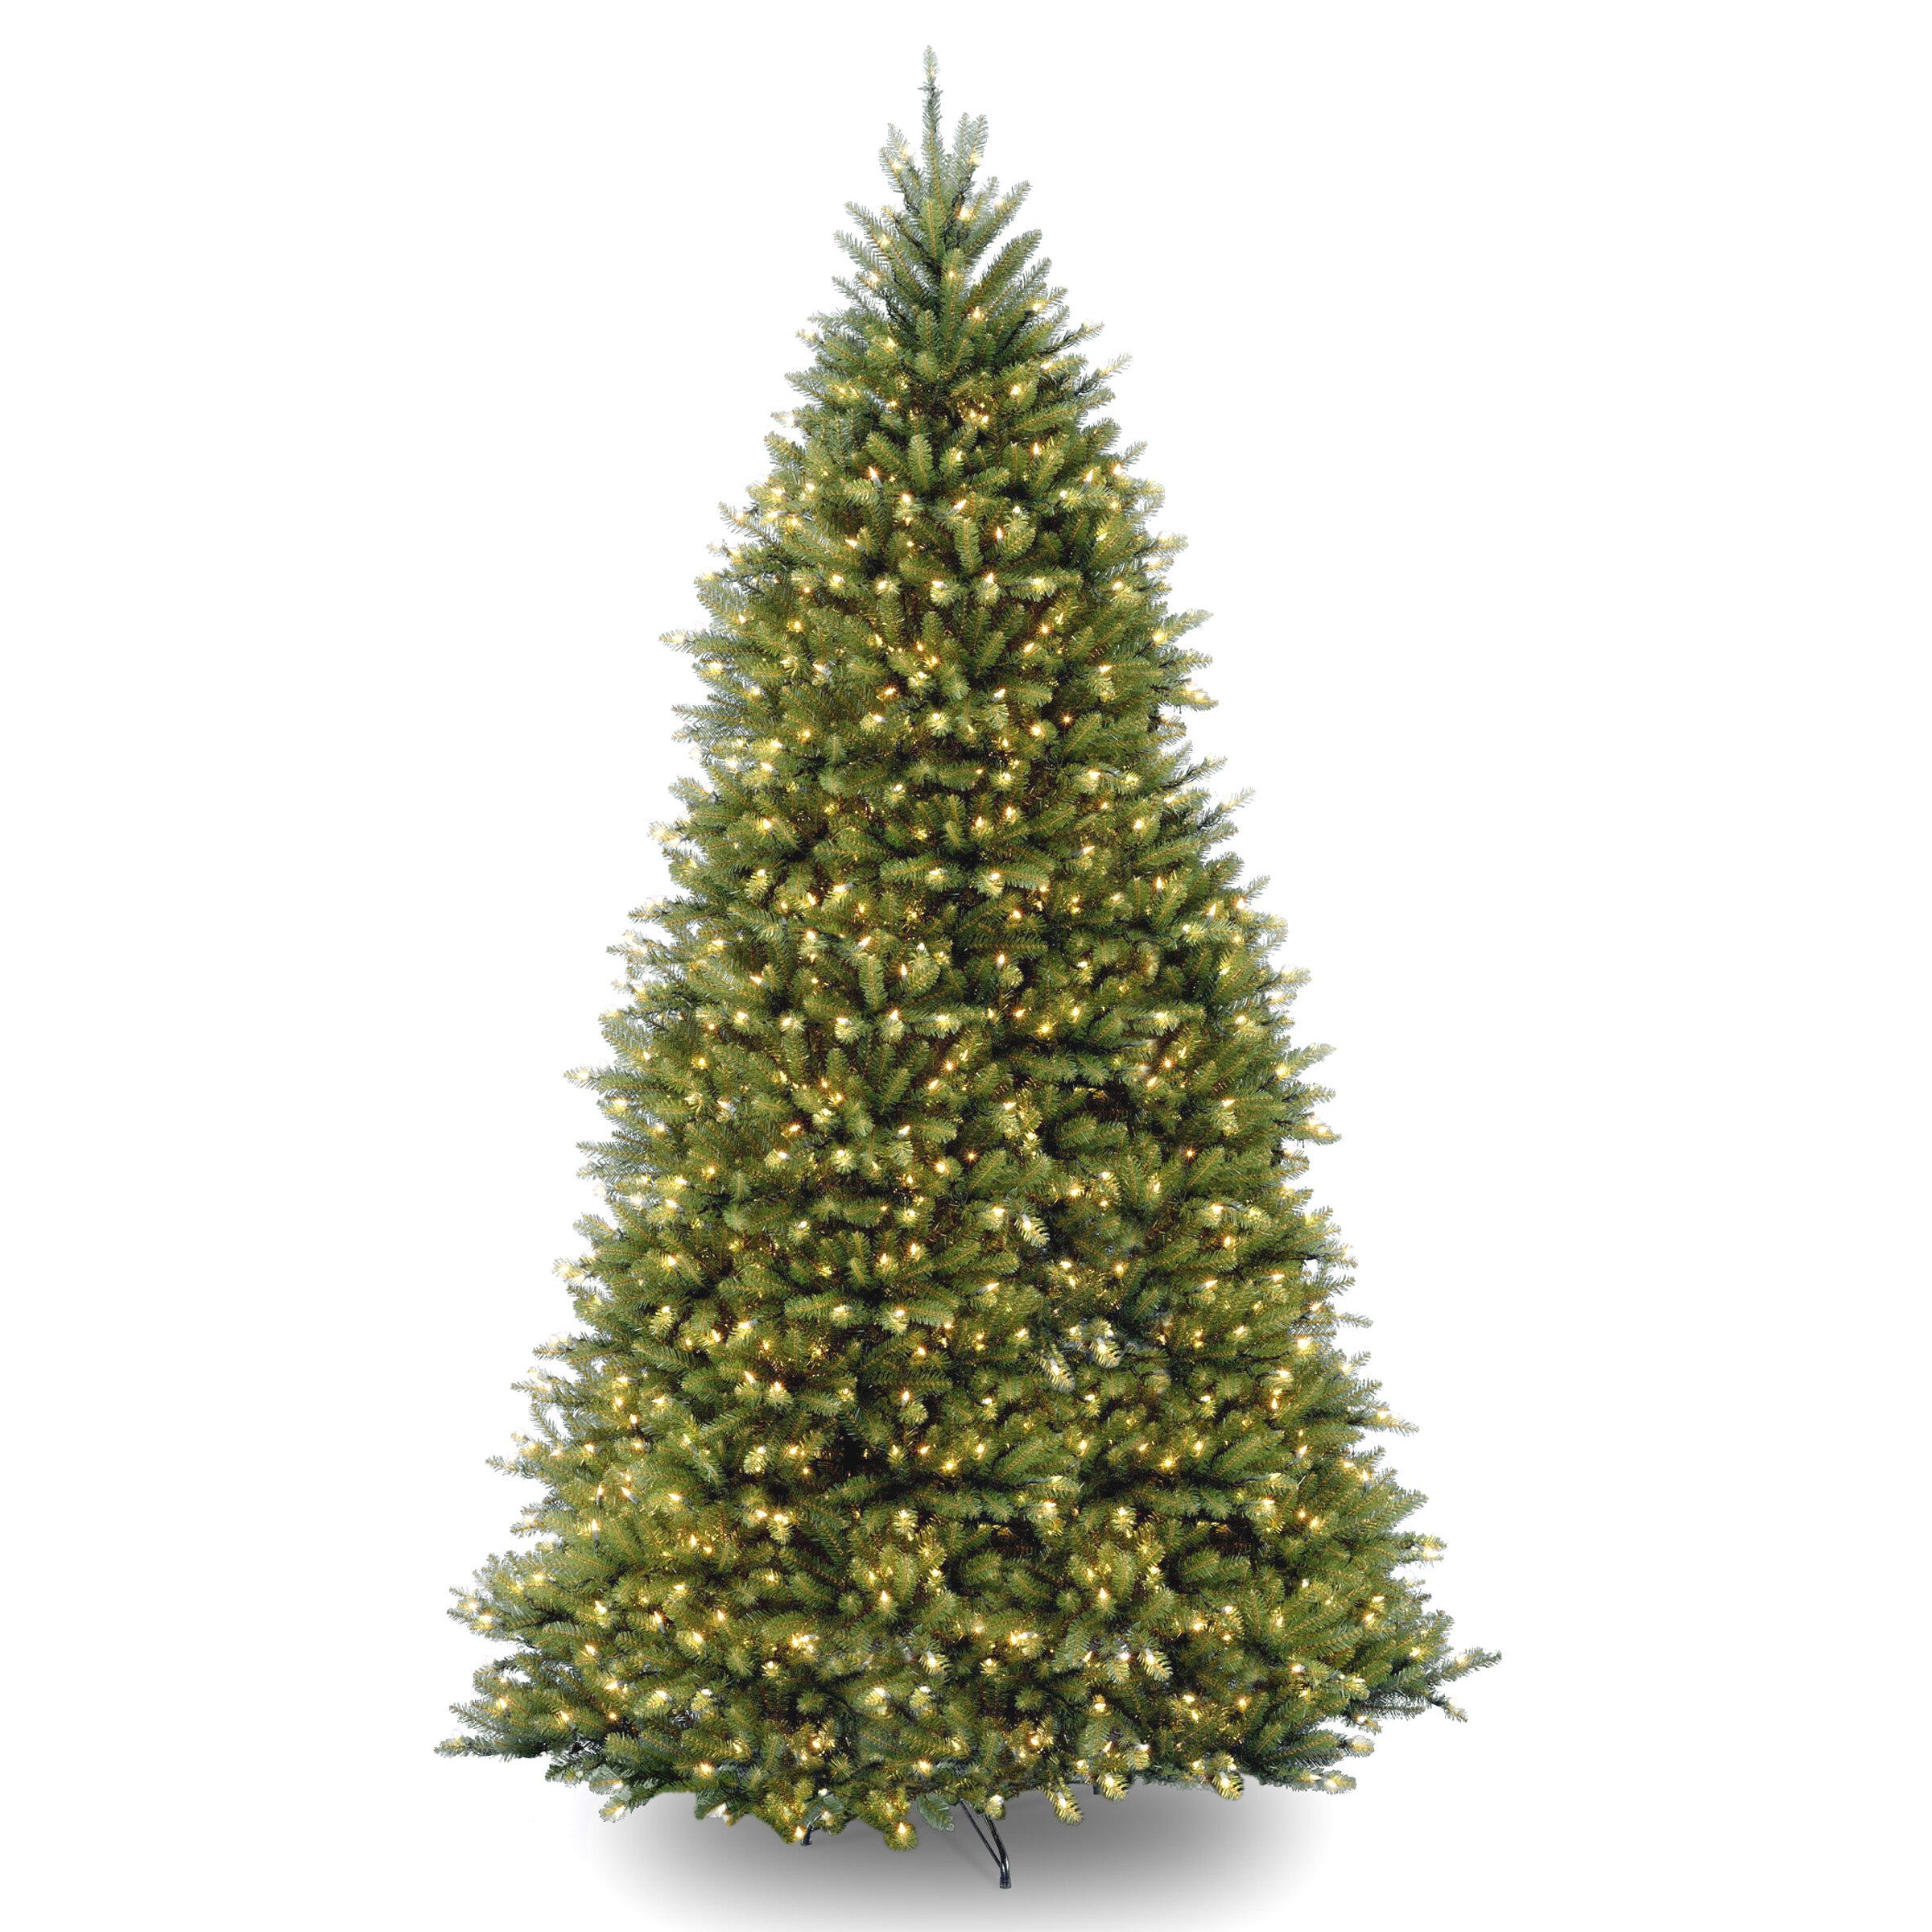 Dunhill Fir 10 Green Fir Artificial Christmas Tree With 1200 Clear White Lights Reviews Birch Lane